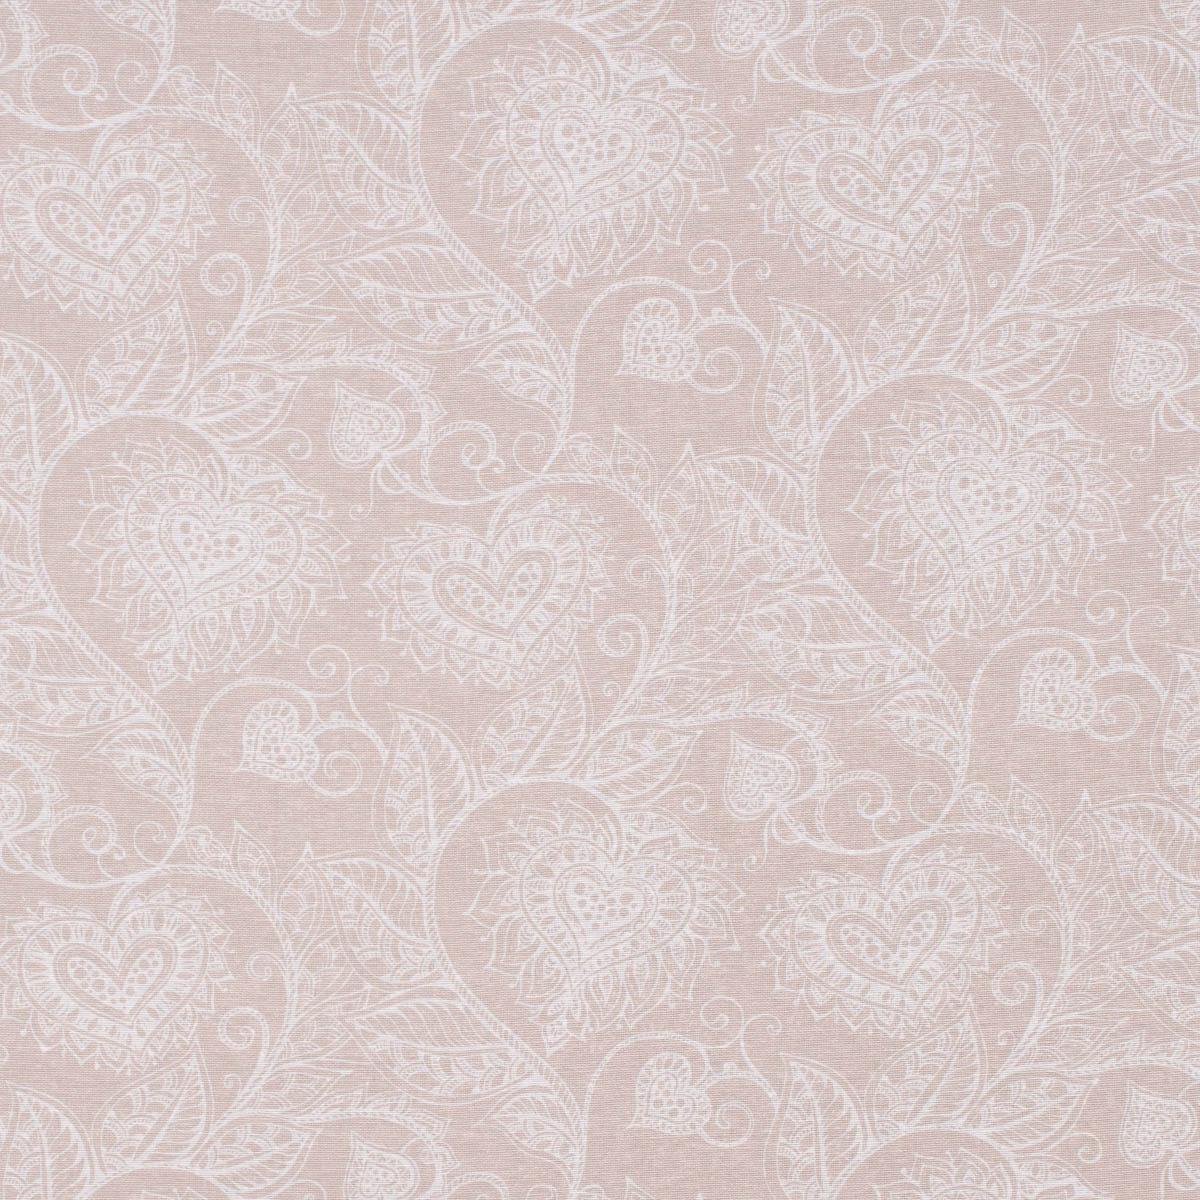 Dekostoff Ottoman Baumwoll-Mischgewebe Clematis Herzen Blätterranken natur weiß 1,40m Breite